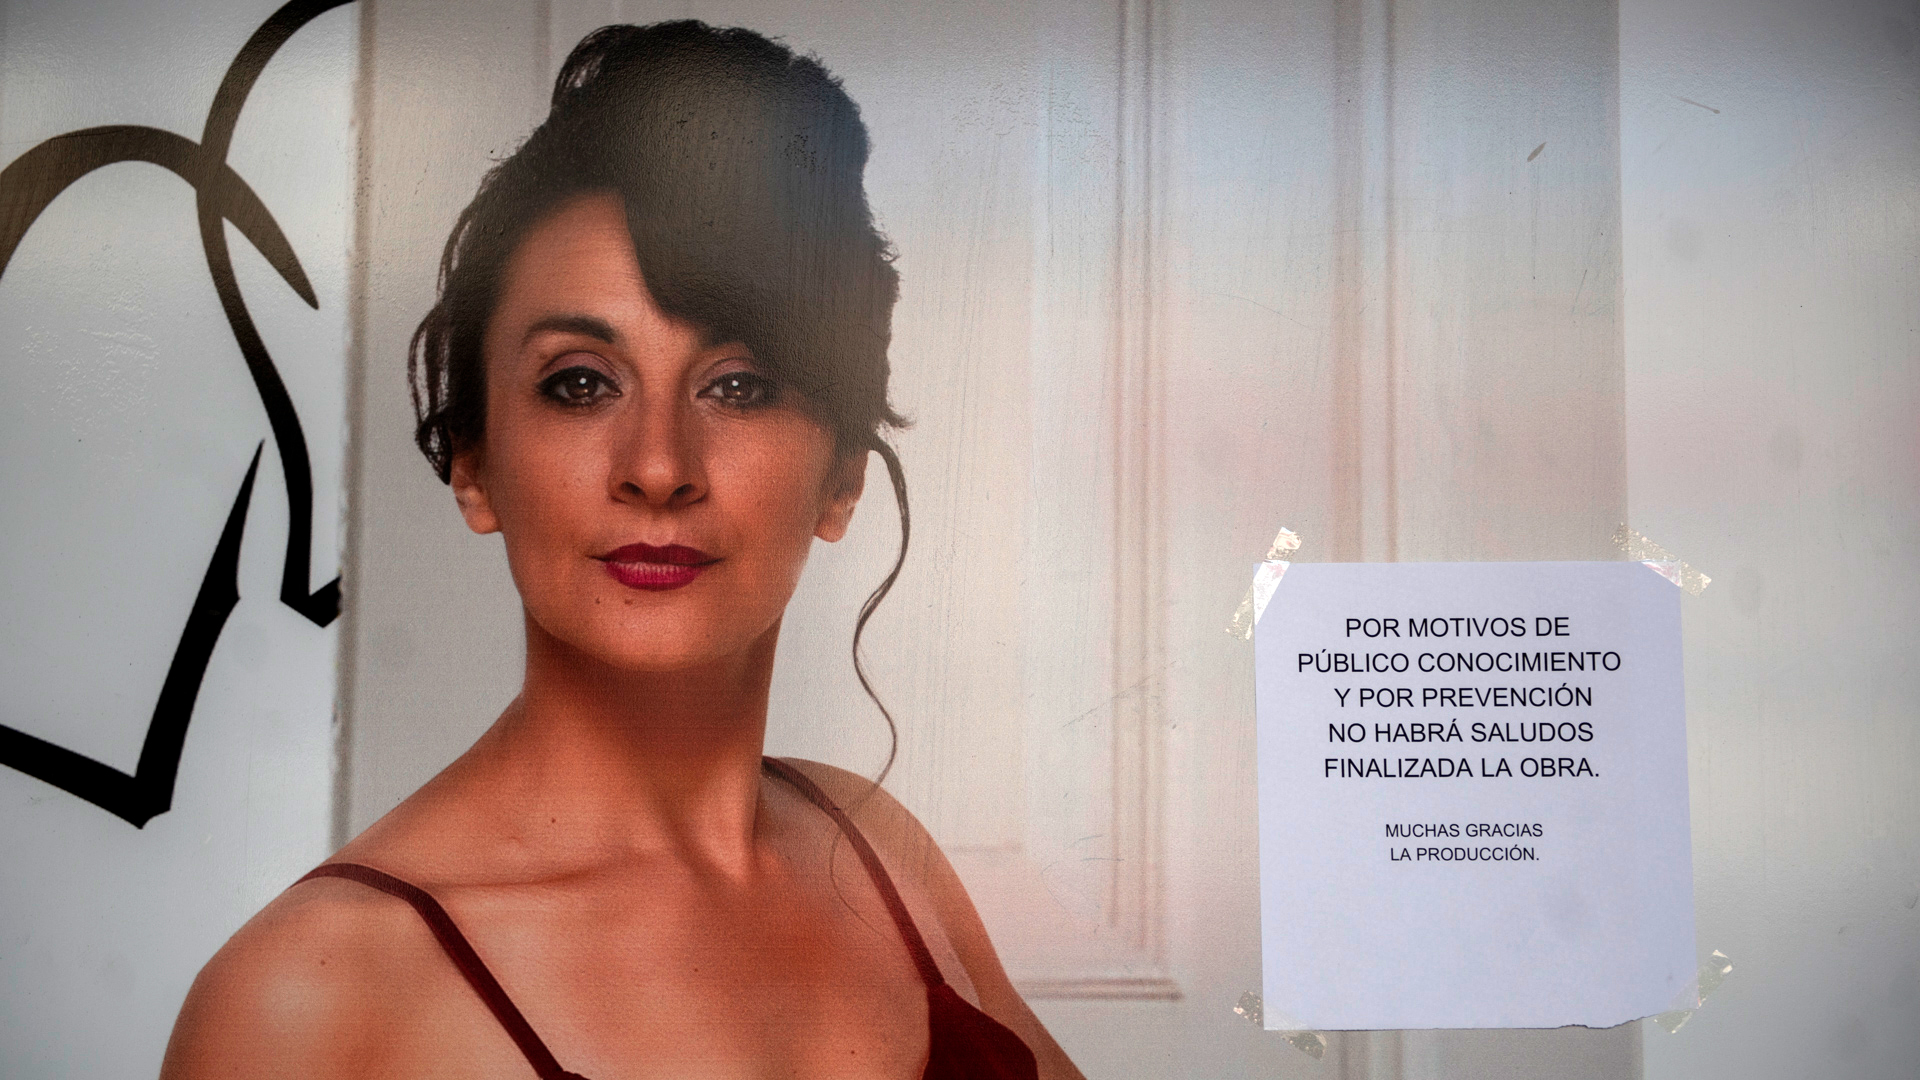 En una de las obras que hay en la ciudad de Buenos Aires anunciaron la suspensión de los saludos a los espectadores al finalizar la función